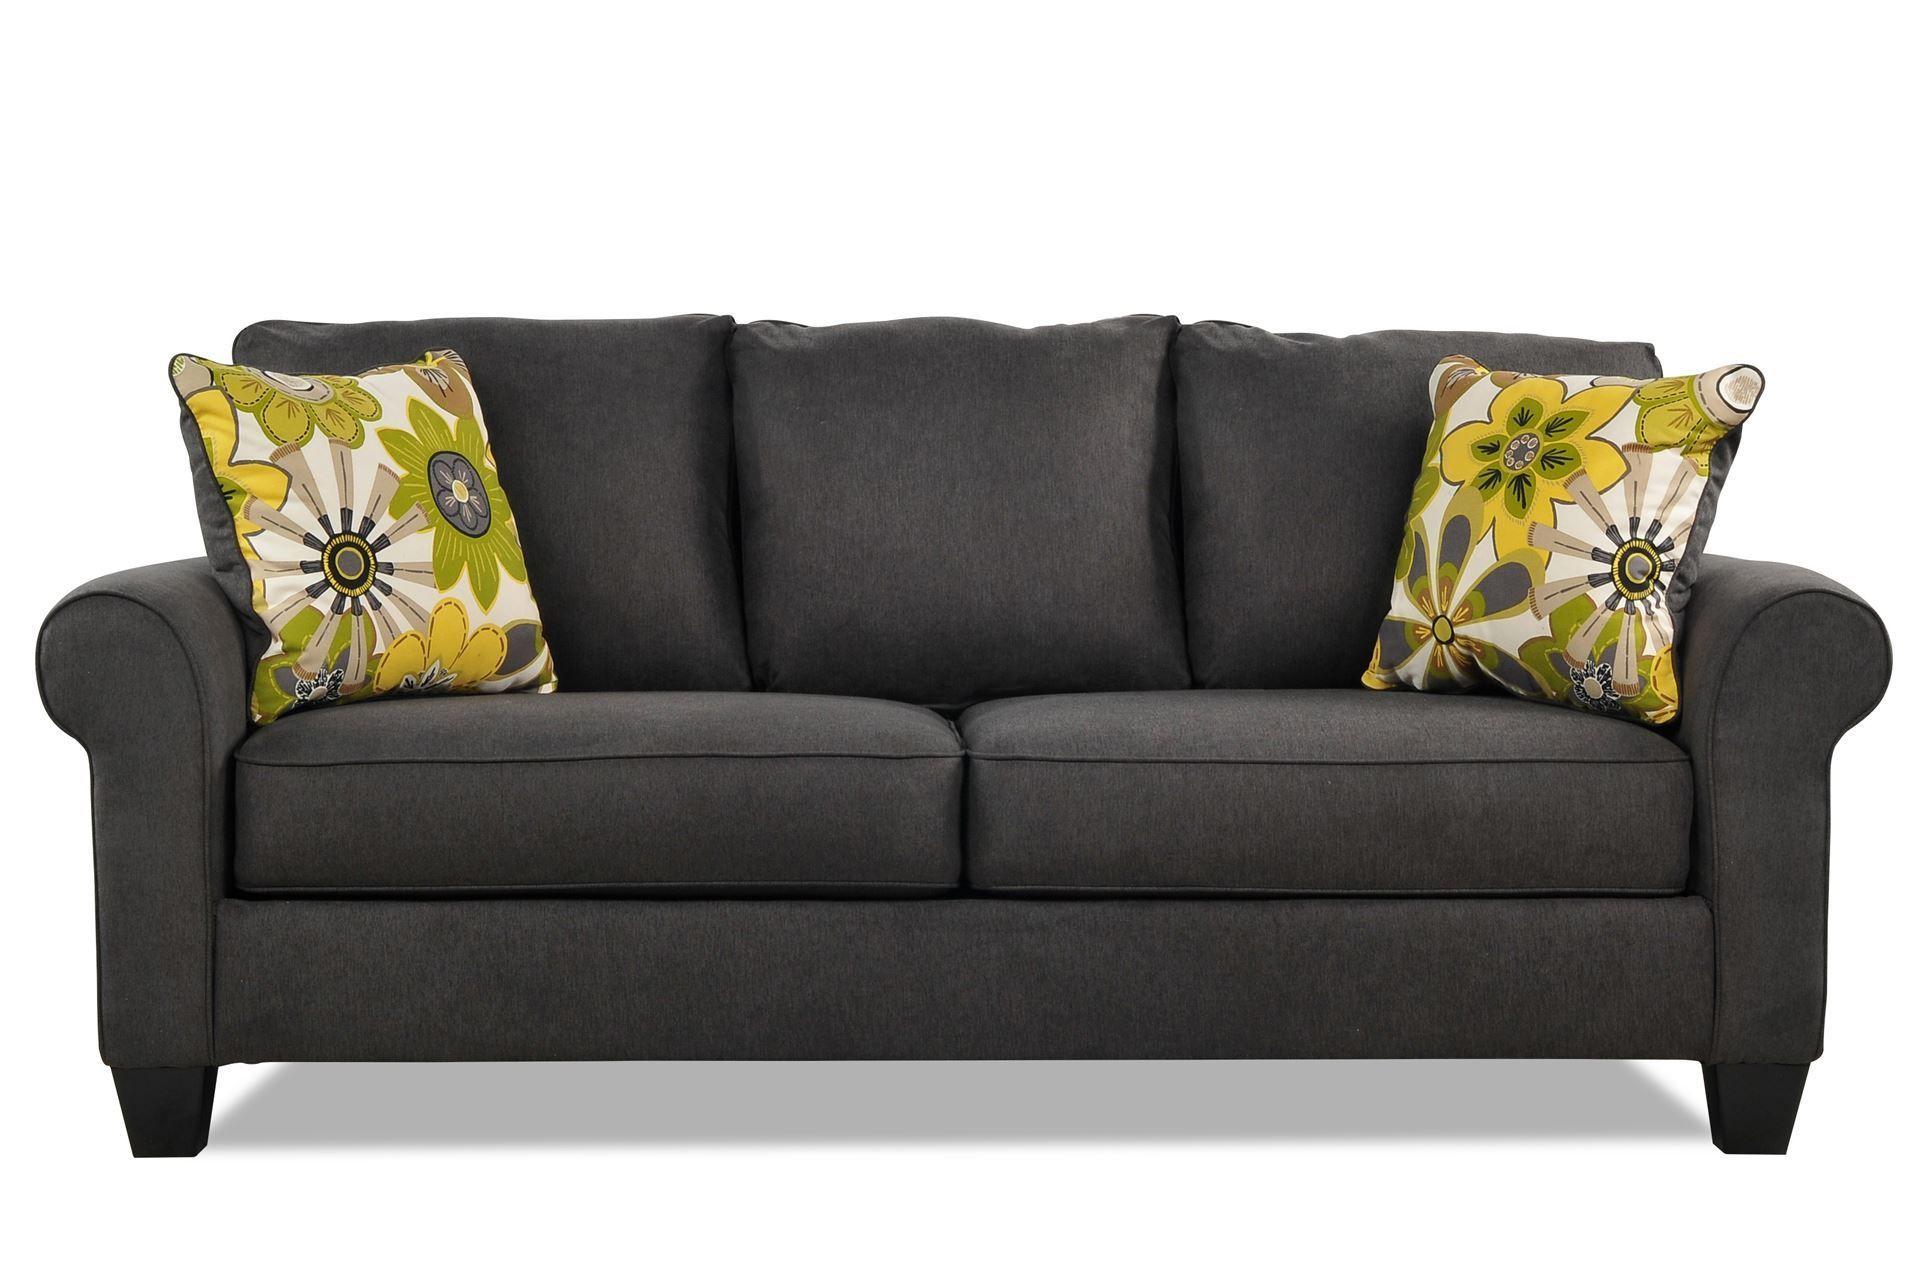 Nolana Charcoal Sofa I think this will be my new sofa minus